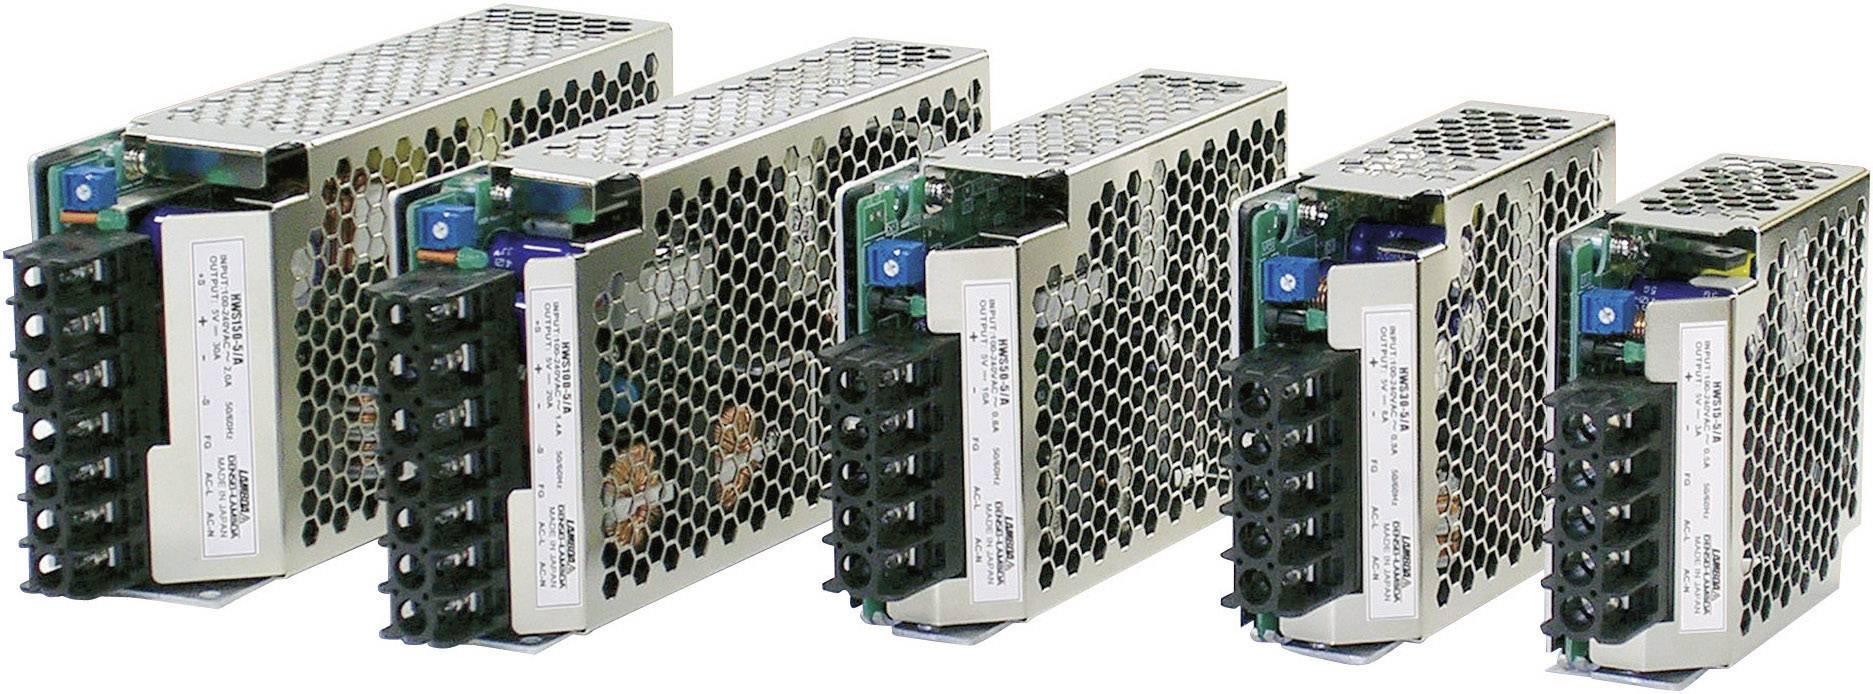 AC / DC zabudovateľný zdroj TDK-Lambda HWS-100A-48 / MEA, open frame, 48 V / DC, 100.8 W